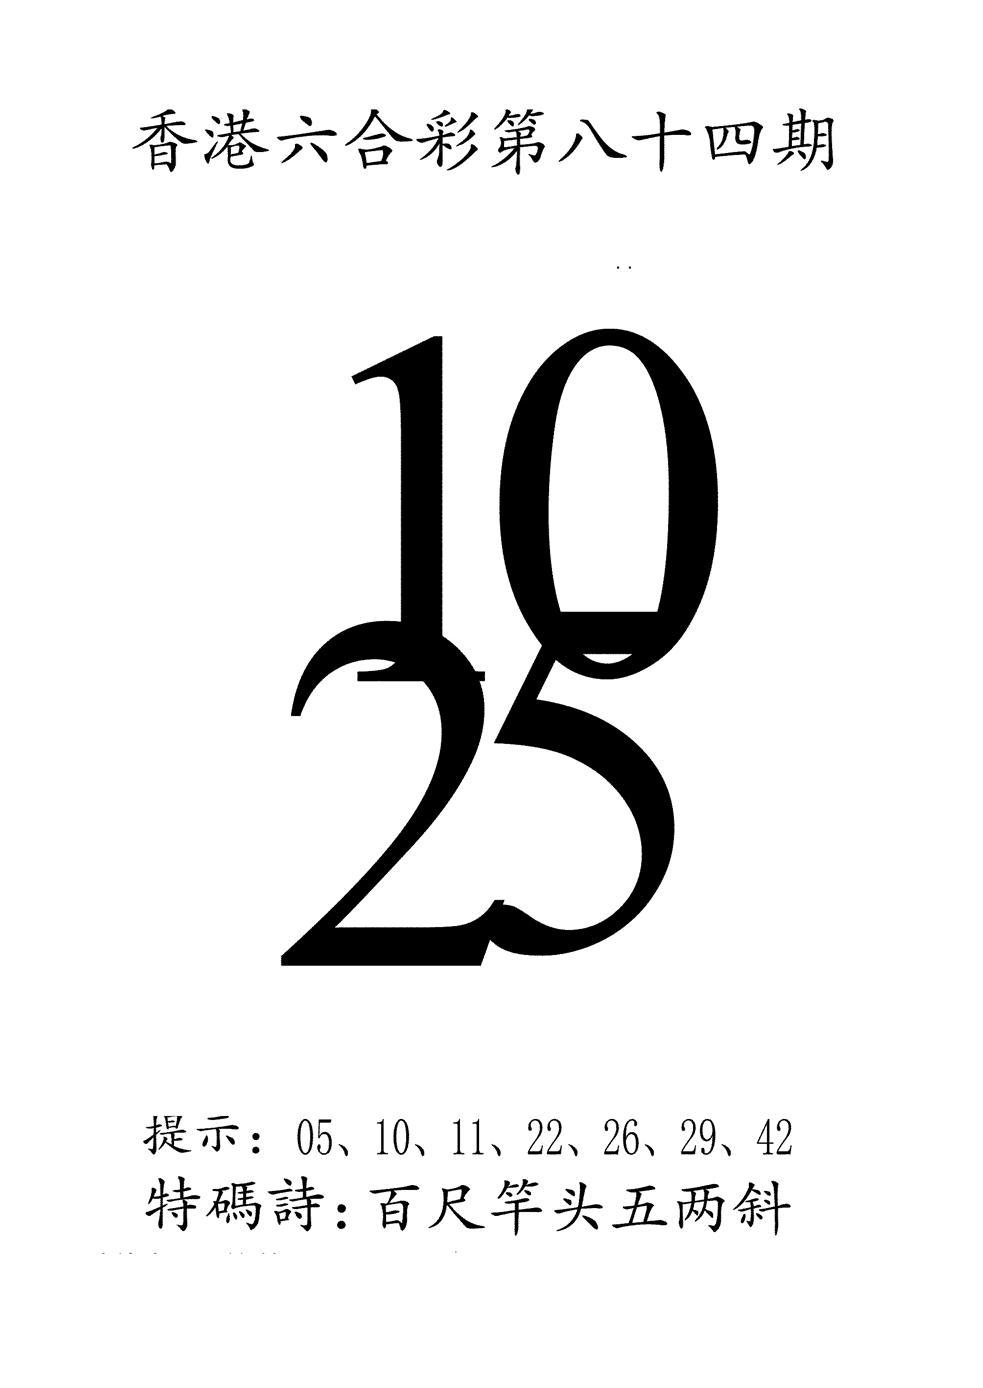 084期澳门三合王B(黑白)